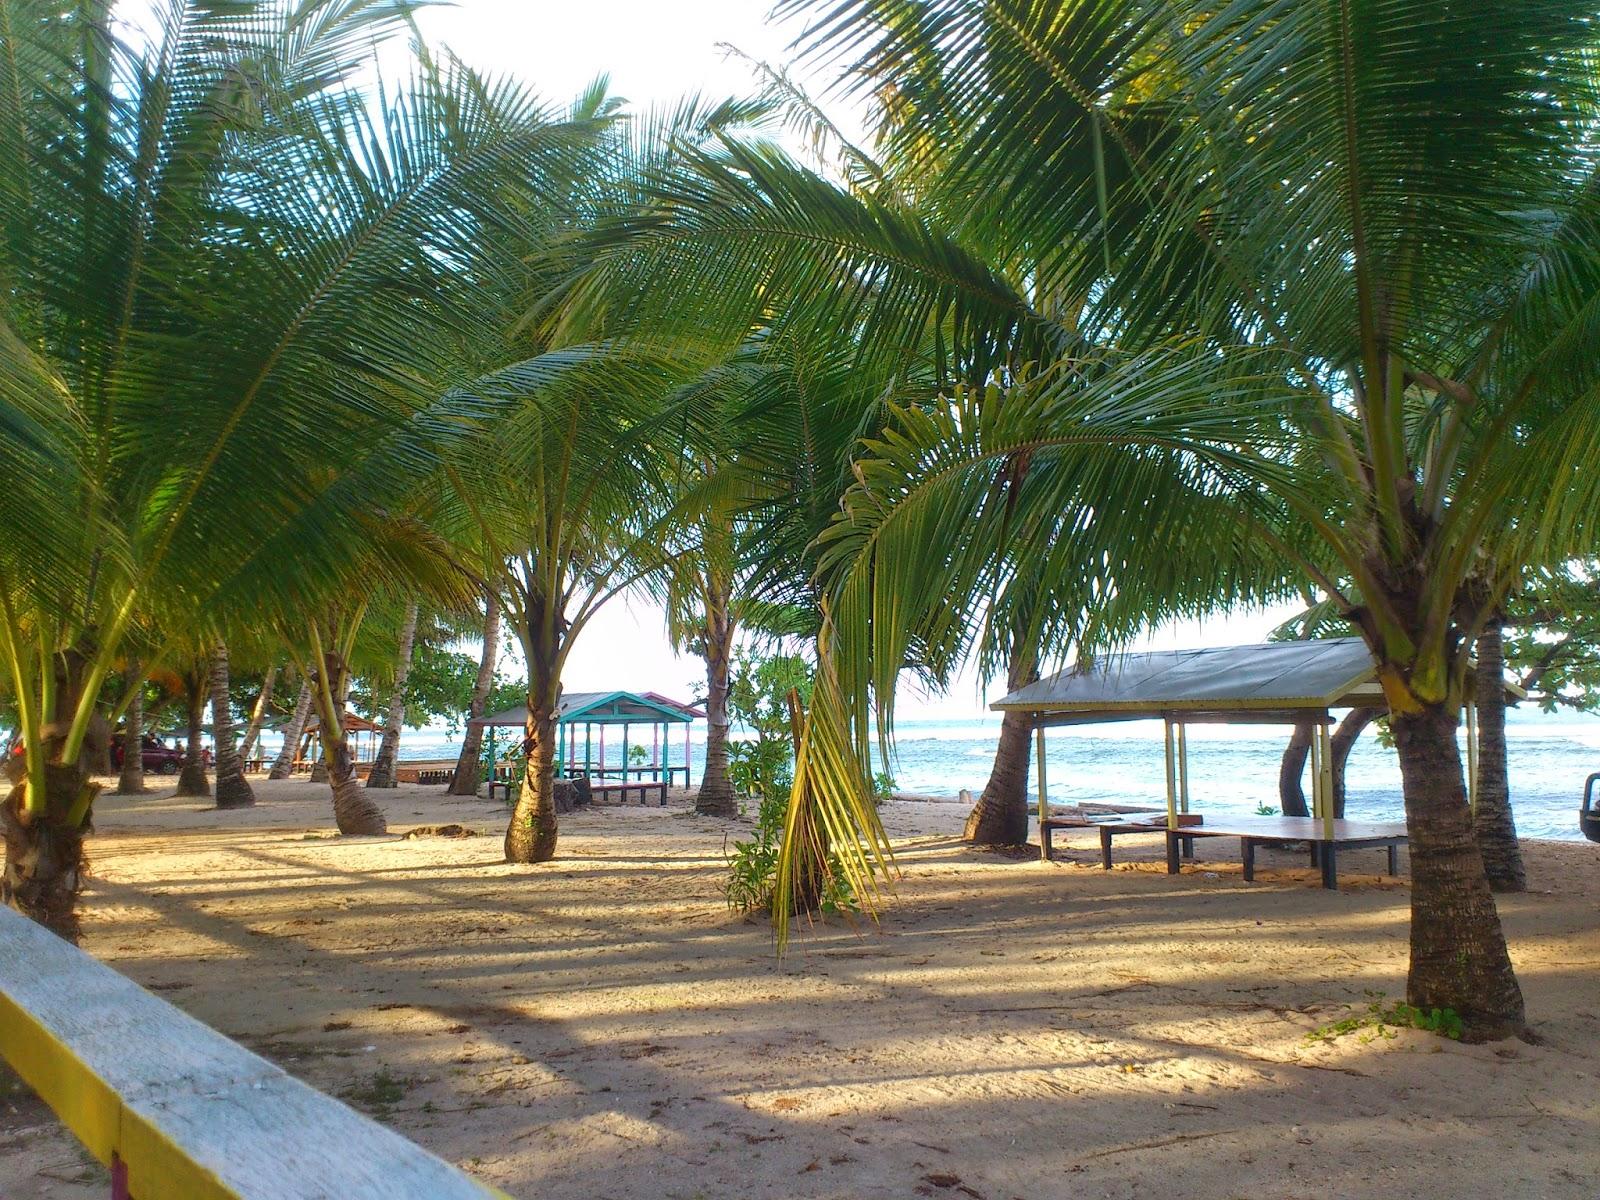 Nurul Wijayanti Jayapura Pantai Base Salah Satu Kota Menjadi Objek